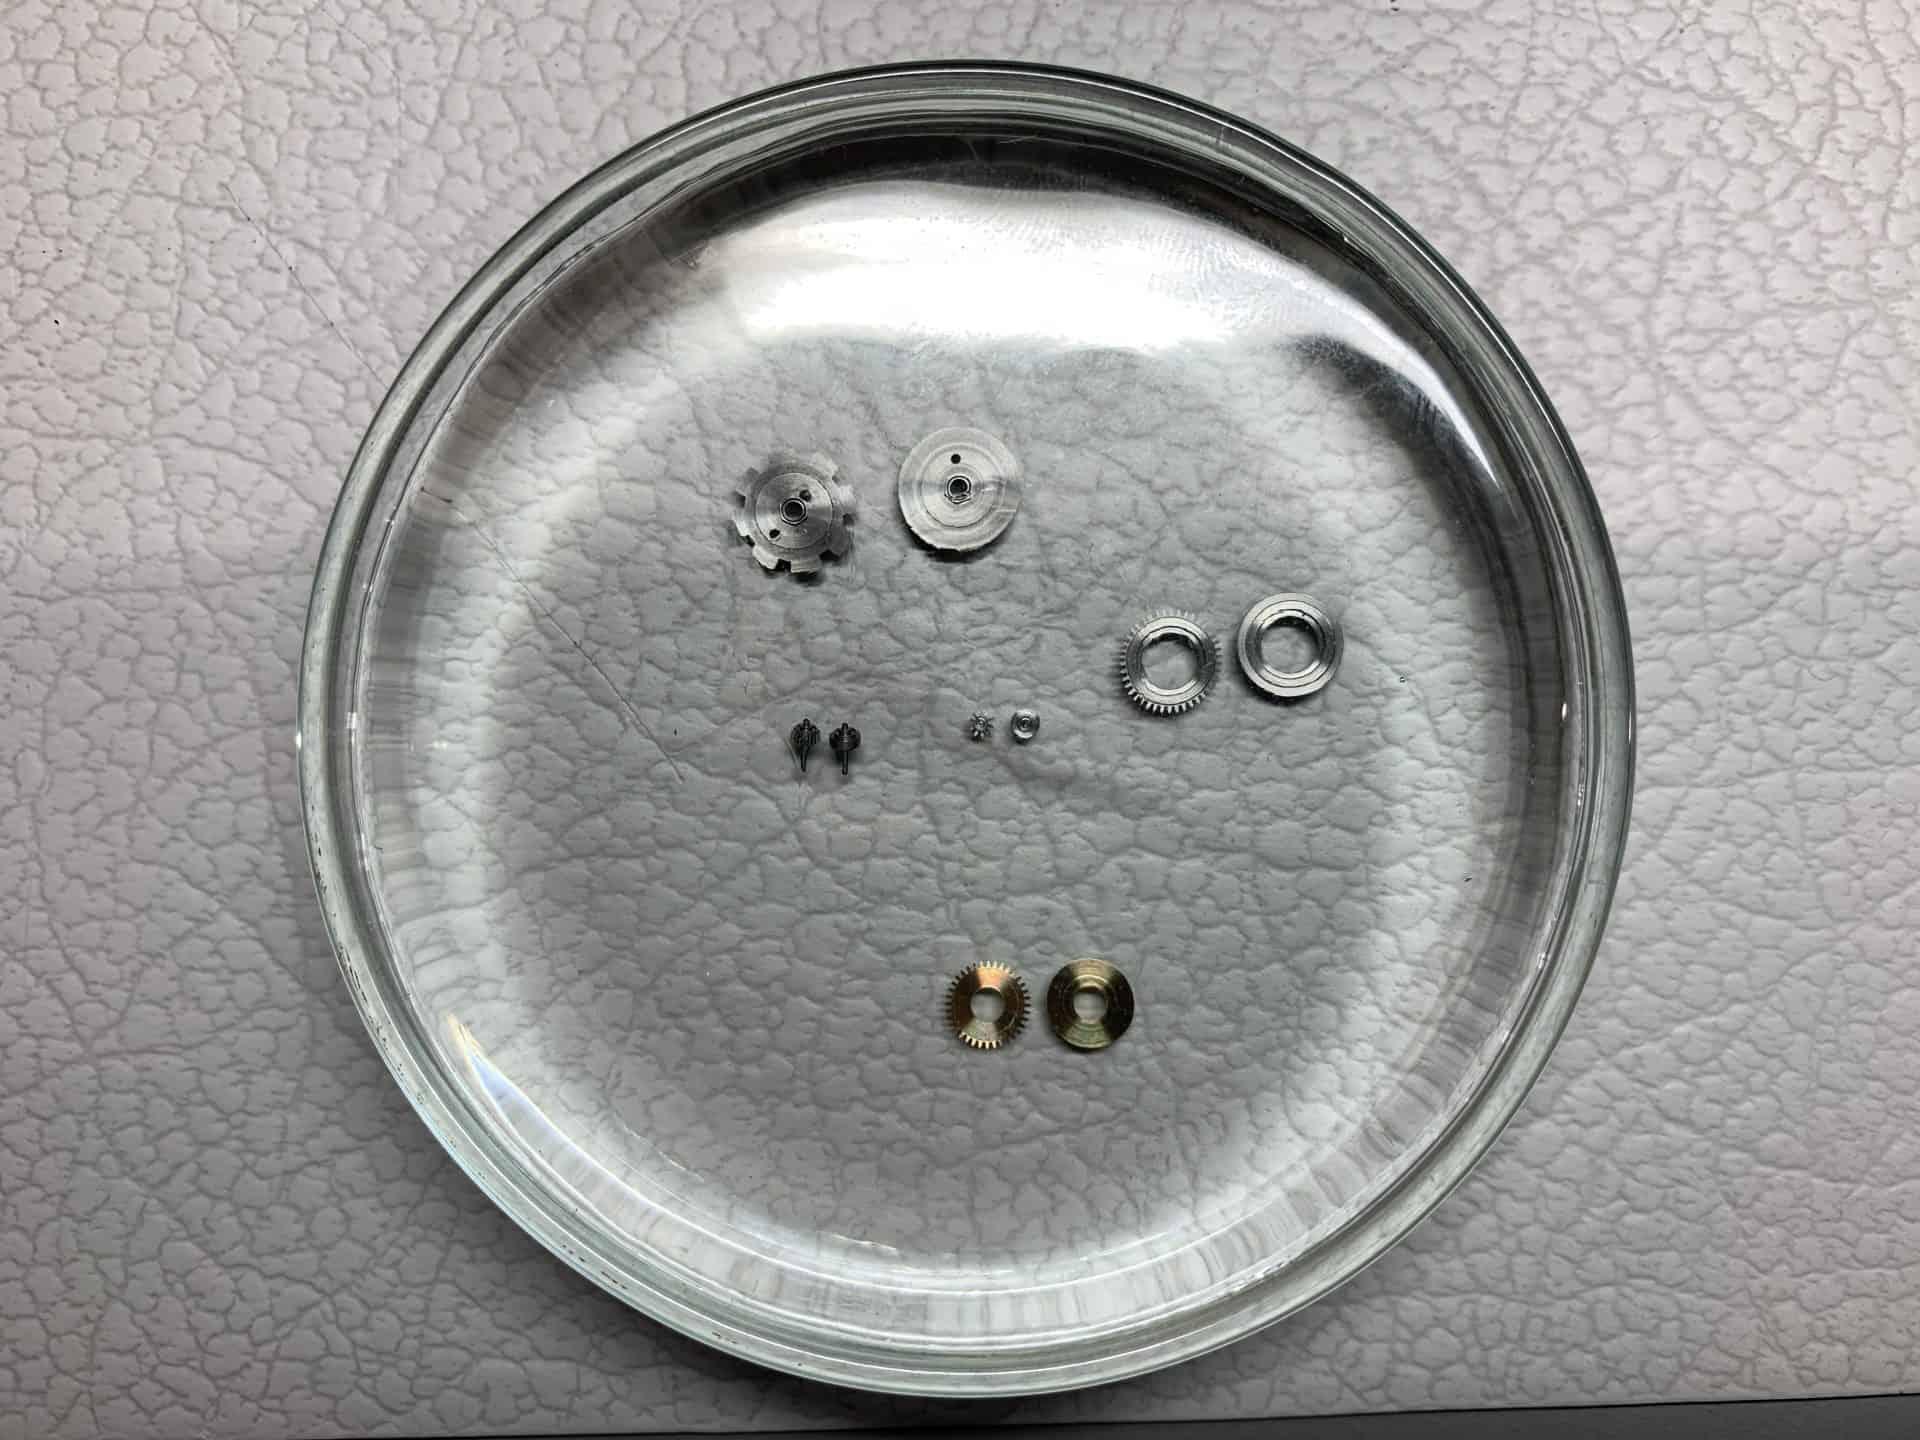 Uhrwerksteile wie sie in der Nomos Glashütte Manufaktur Schlottwitz entstehen